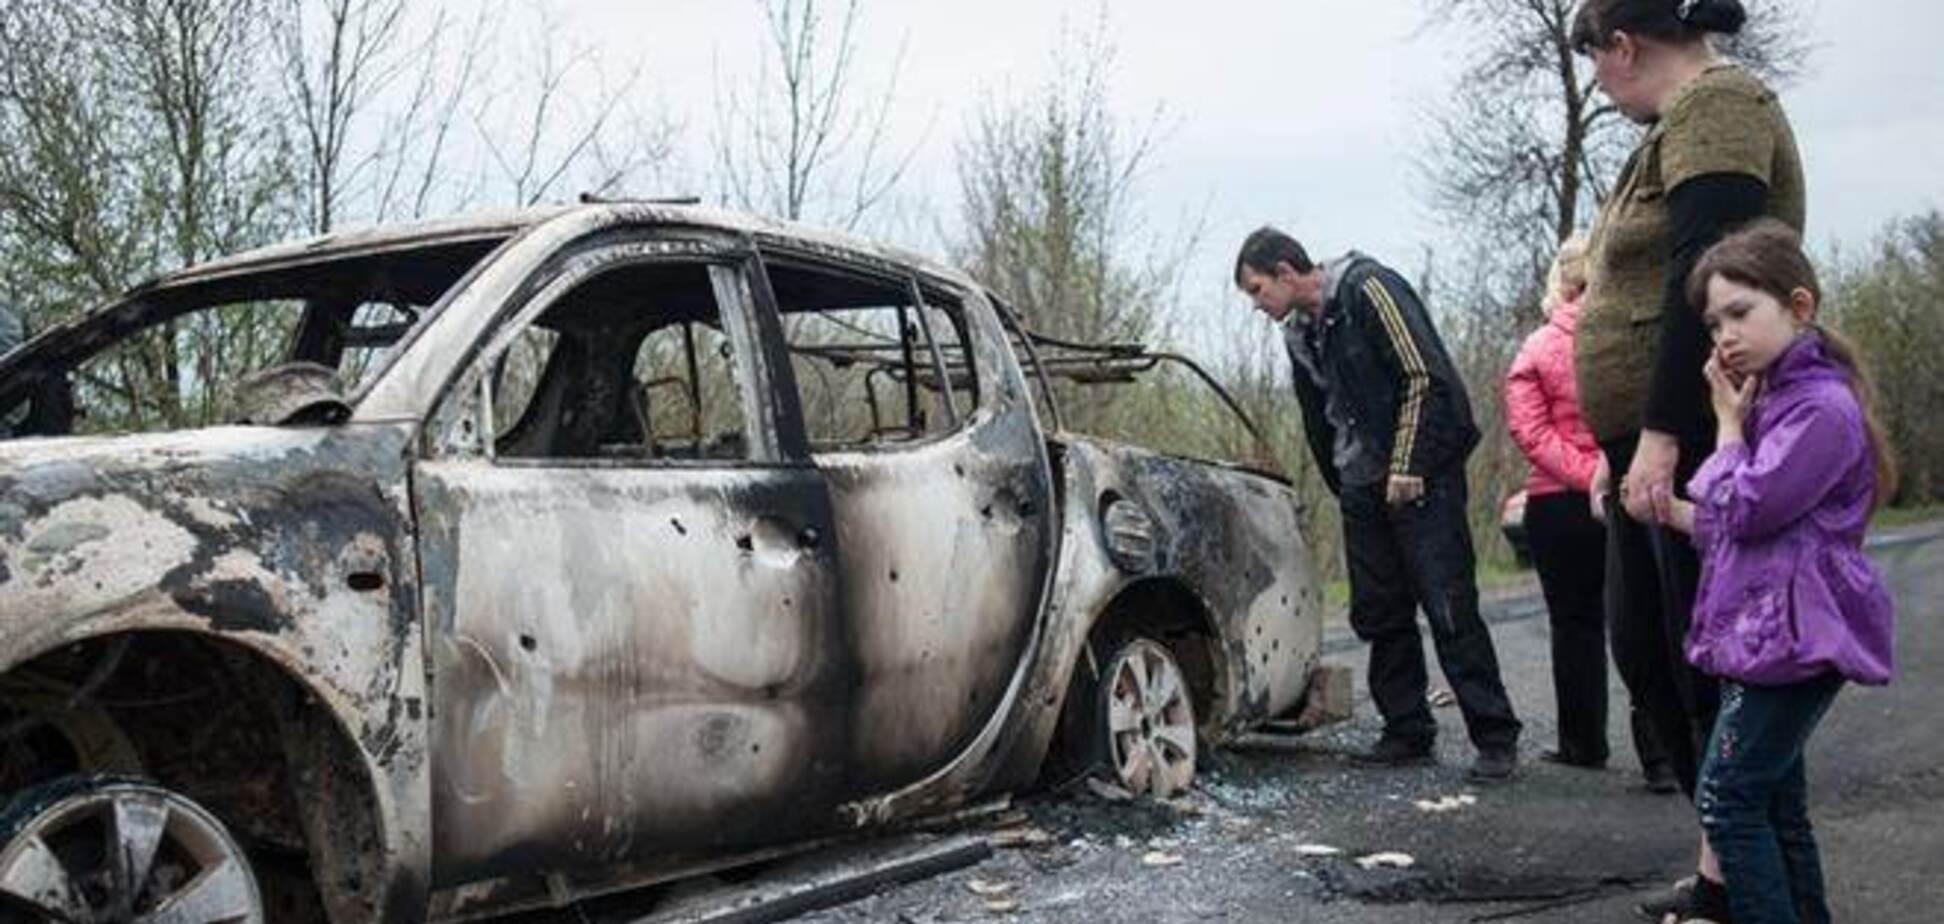 Убитых в Славянске не опознали, потому что это не украинцы - экс-вице-премьер РФ